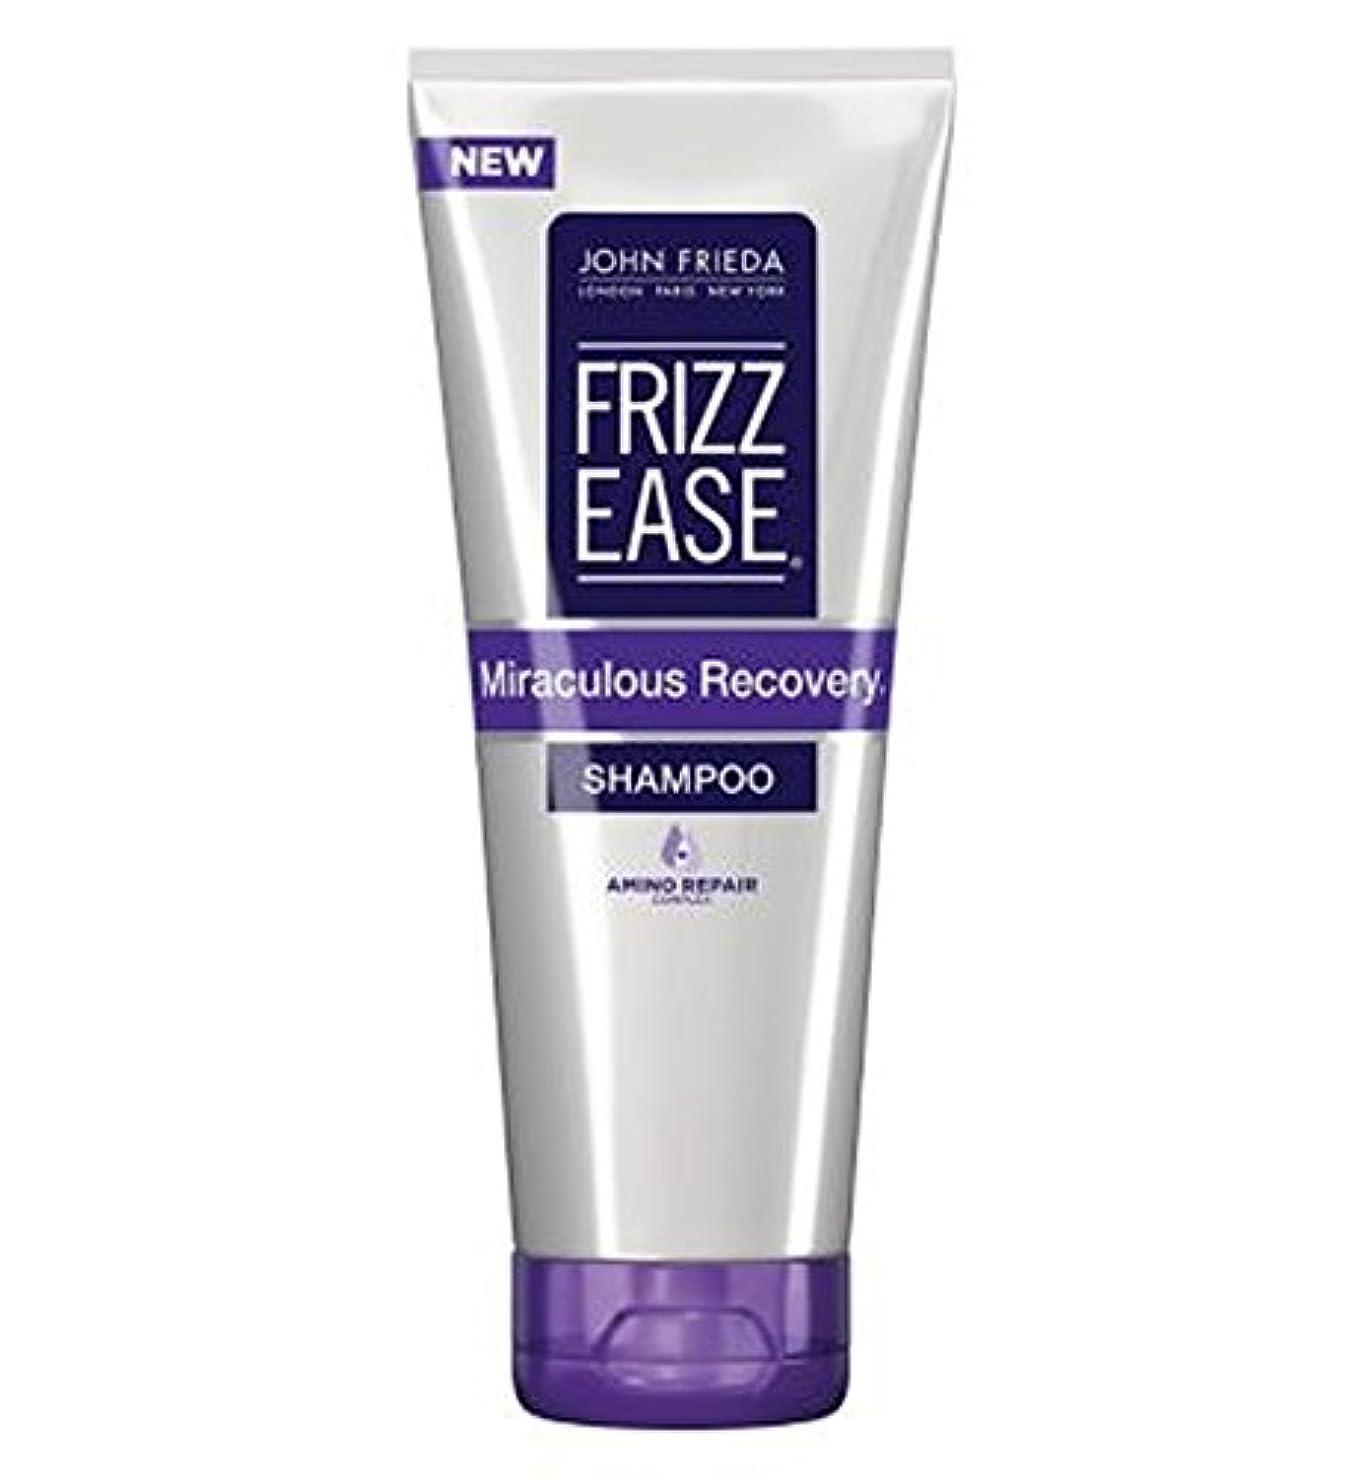 切り下げクロール見込みJohn Frieda Frizz Ease Miraculous Recovery Shampoo 250ml - ジョン?フリーダ縮れ容易奇跡的な回復シャンプー250ミリリットル (John Frieda) [並行輸入品]